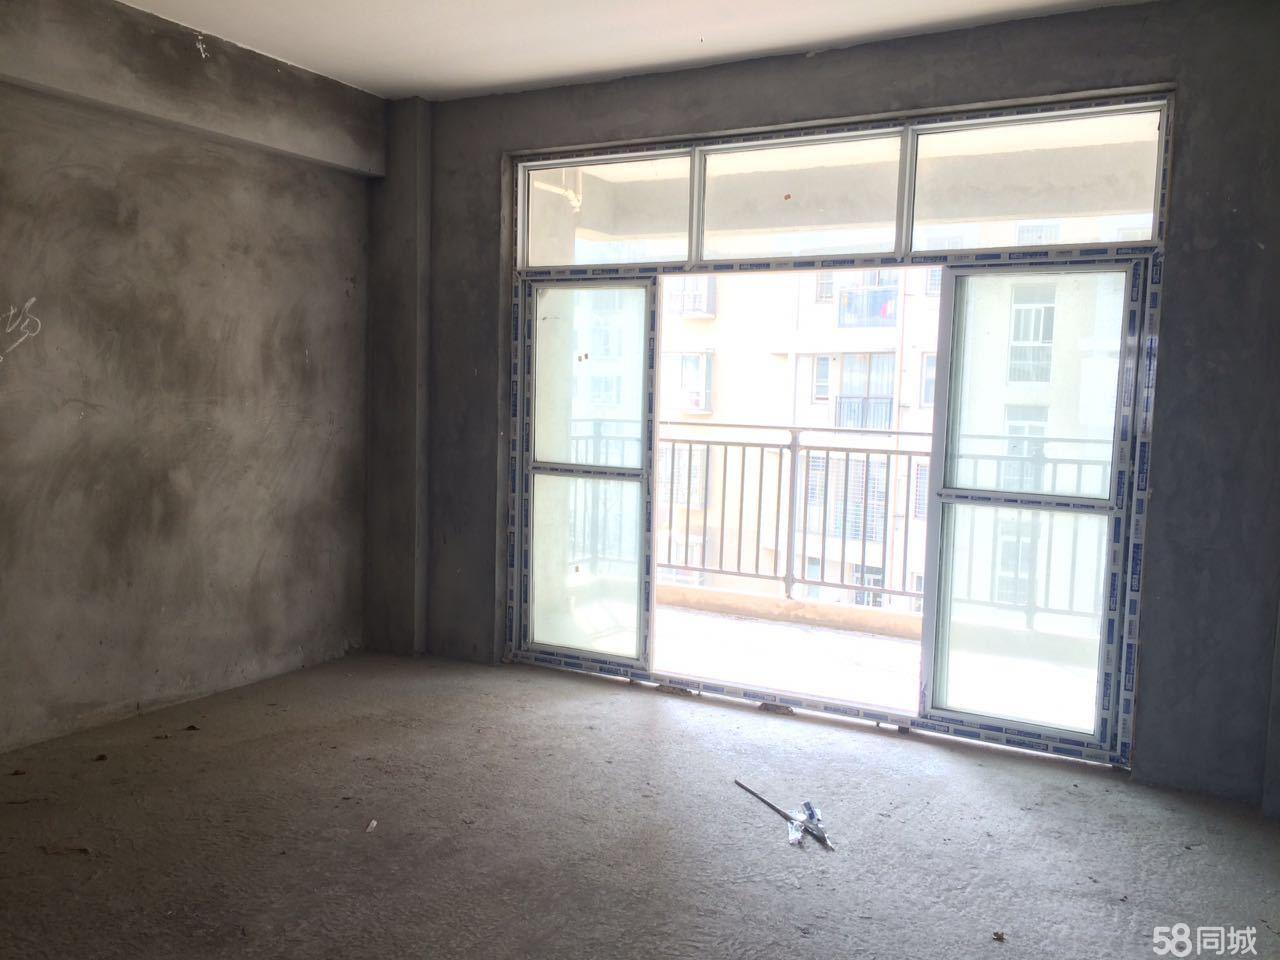 掇刀怡景新城3室2厅南北通透户型方正值得拥有